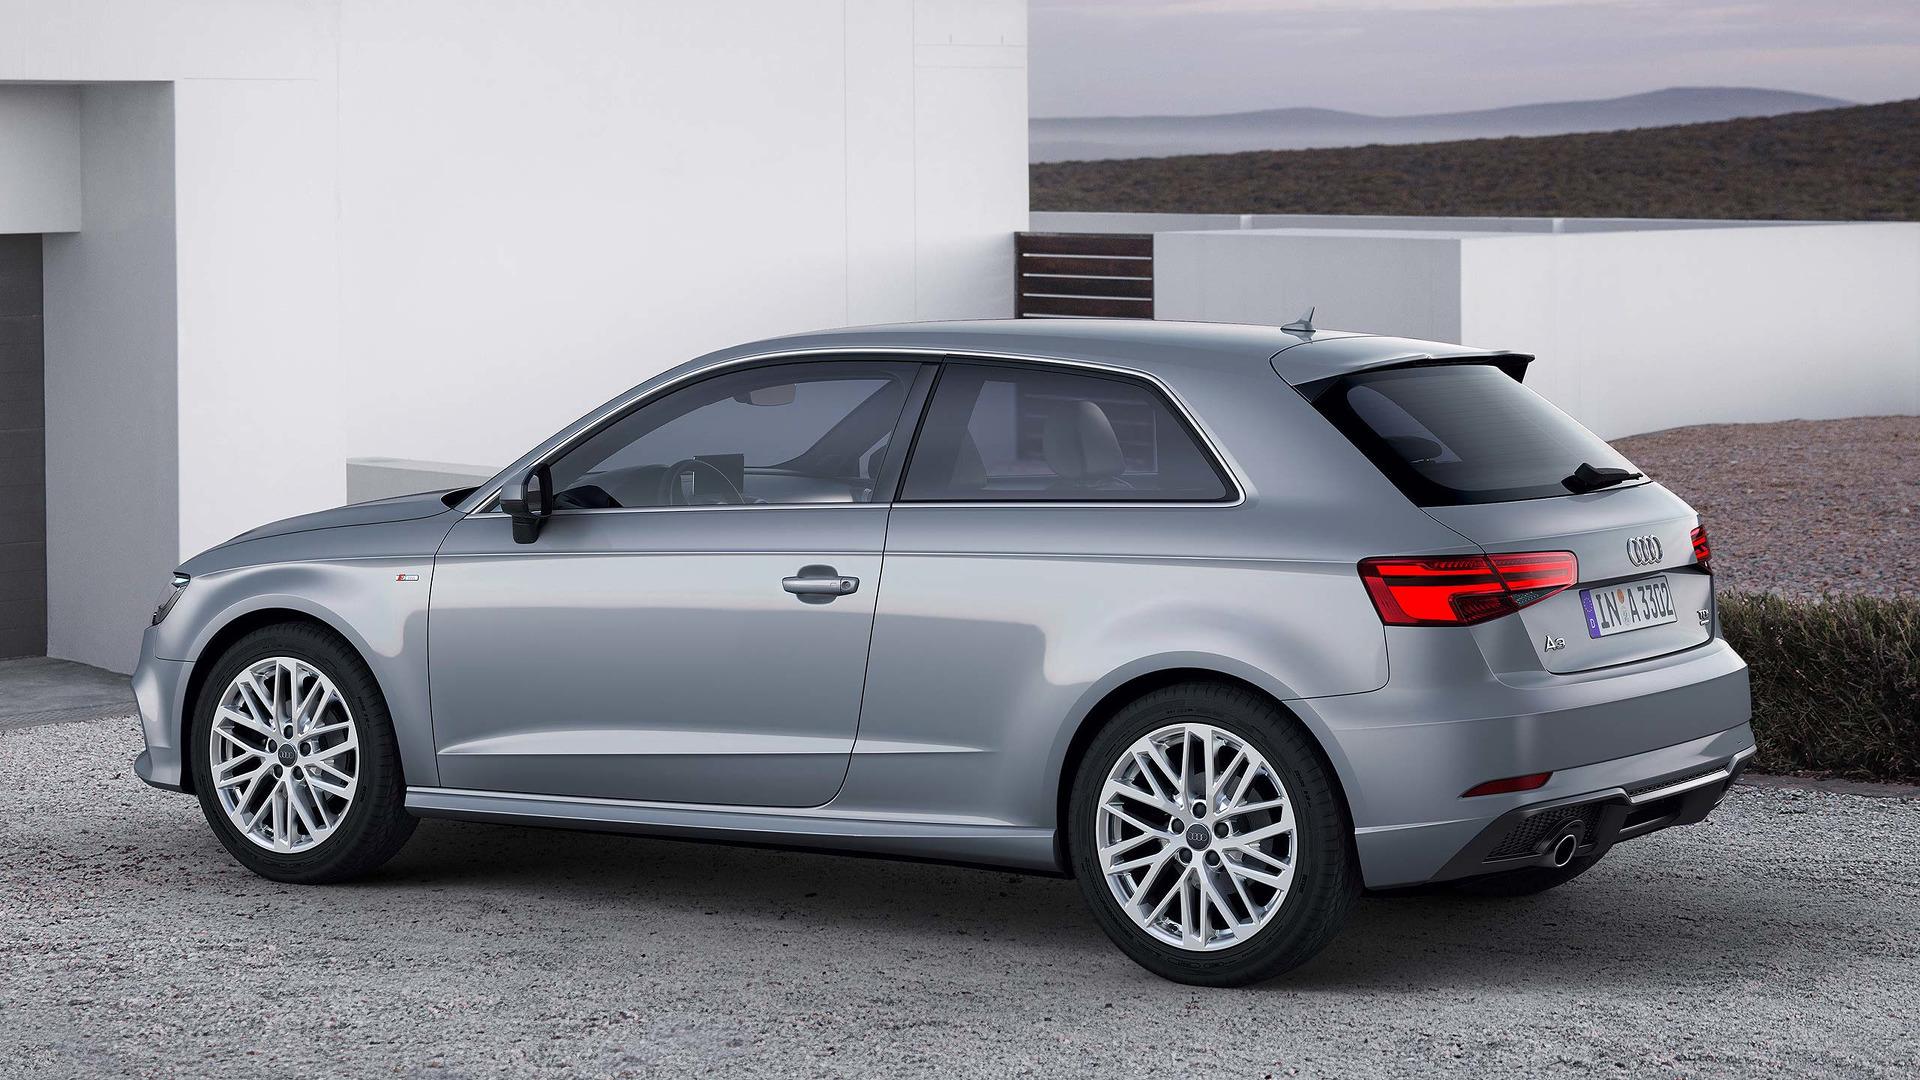 a e in cars hybrid canada tron lease automatic audi etron